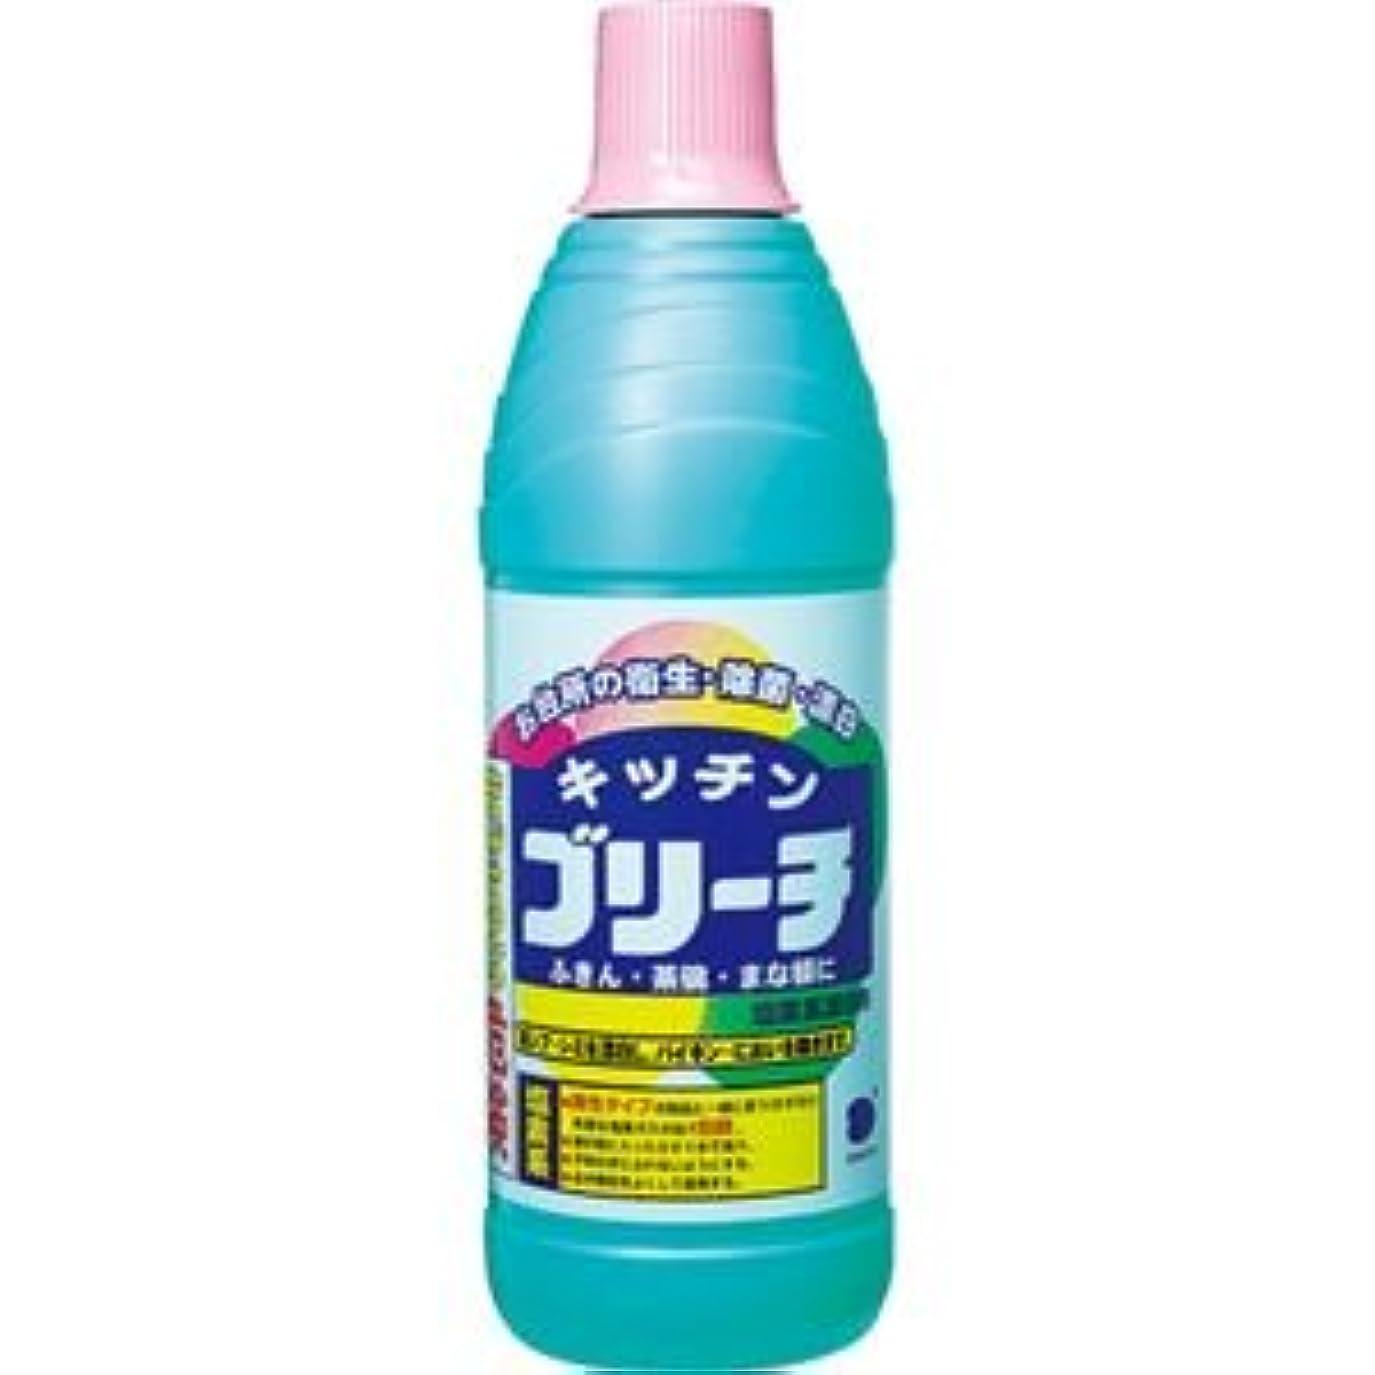 磁石シビックピストン(まとめ) 第一石鹸 キッチンブリーチ 600ml 1本 【×40セット】